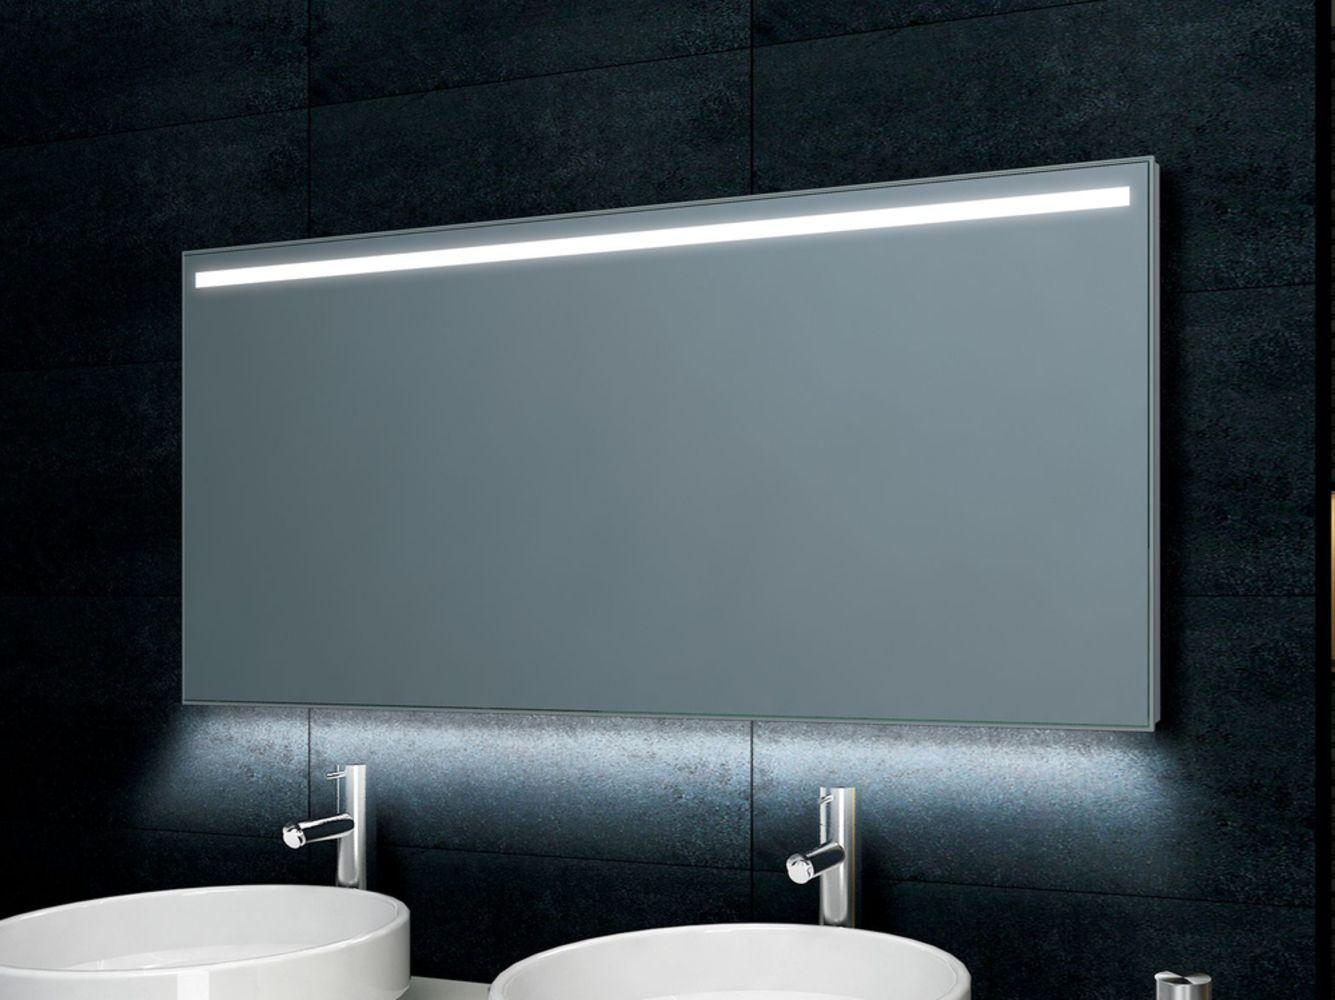 Mueller Ambi LED spiegel incl. spiegelverwarming 120x60cm